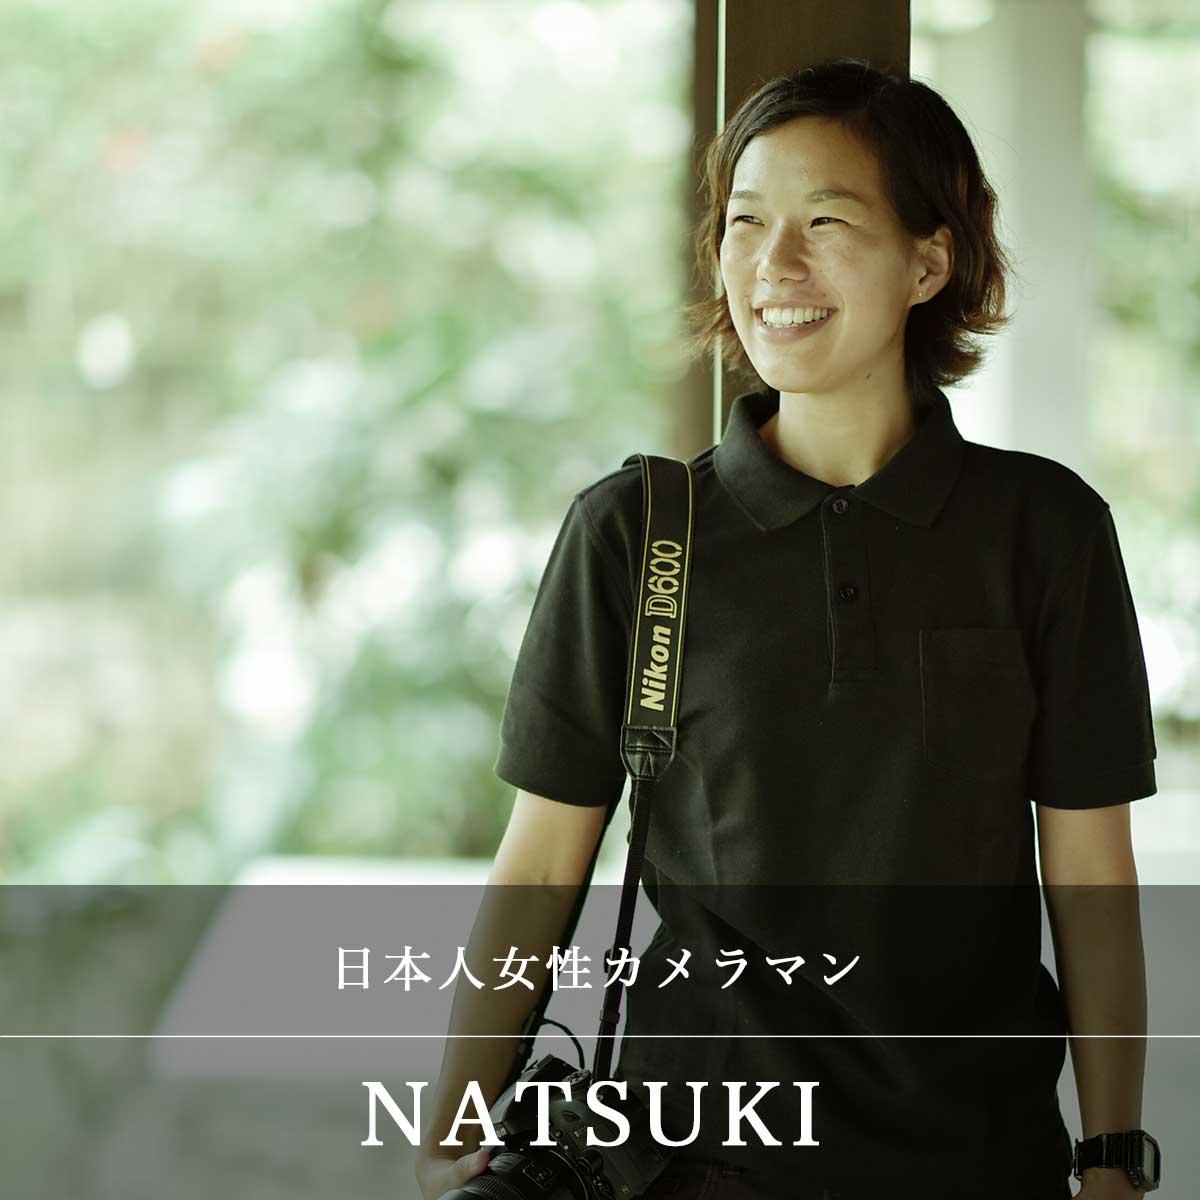 natsuki-sq